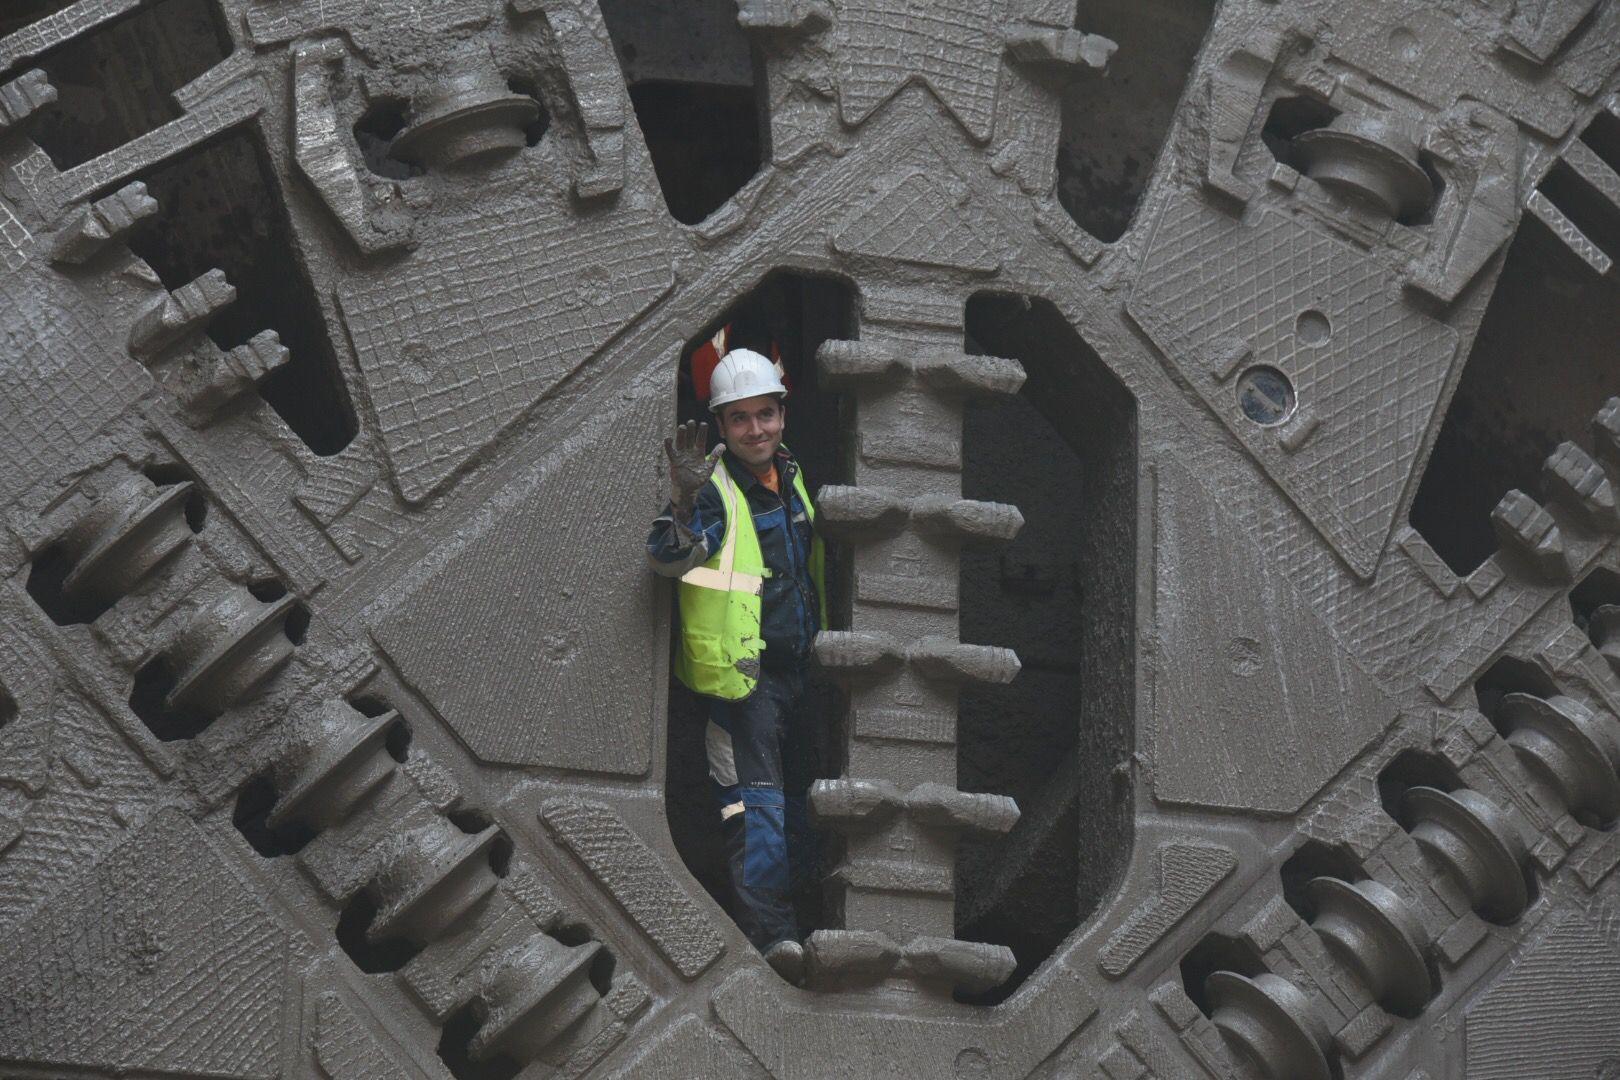 Проходка четвертого тоннеля на Коммунарской линии метро стартовала в Москве